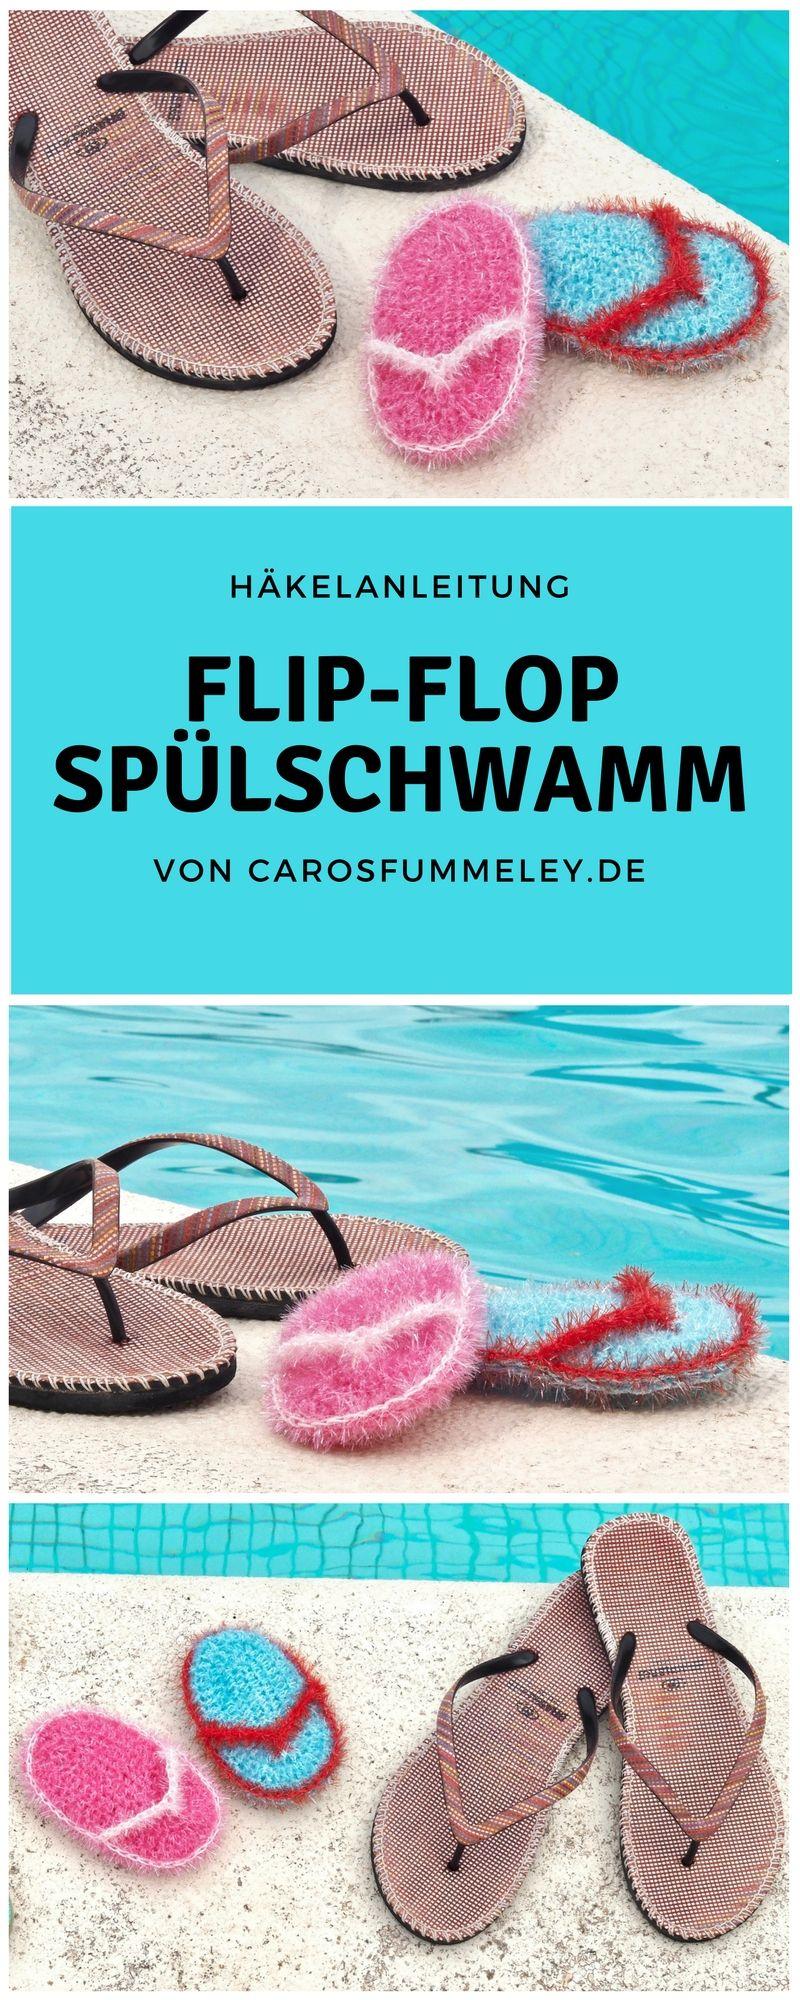 Häkelanleitung: Flip-Flop-Spülschwamm | Flipping and Crochet